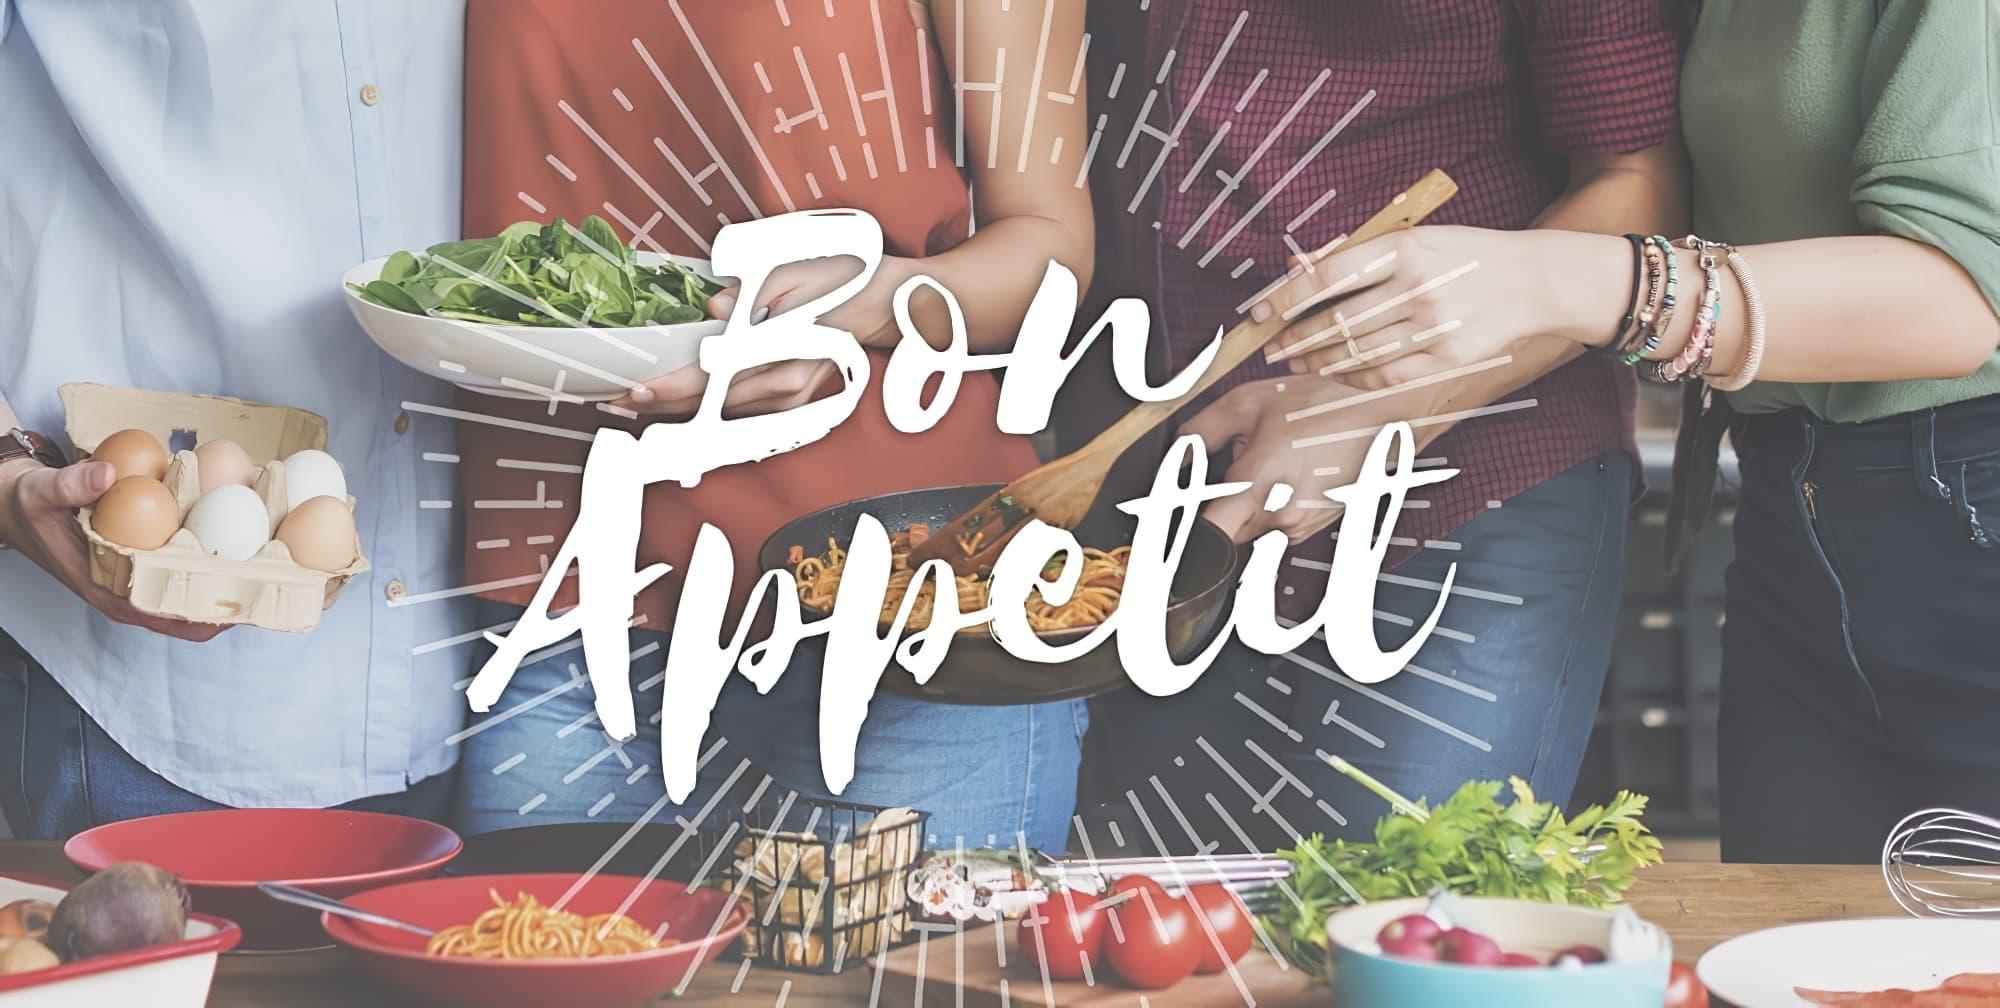 Bon appétit dans plusieurs langues